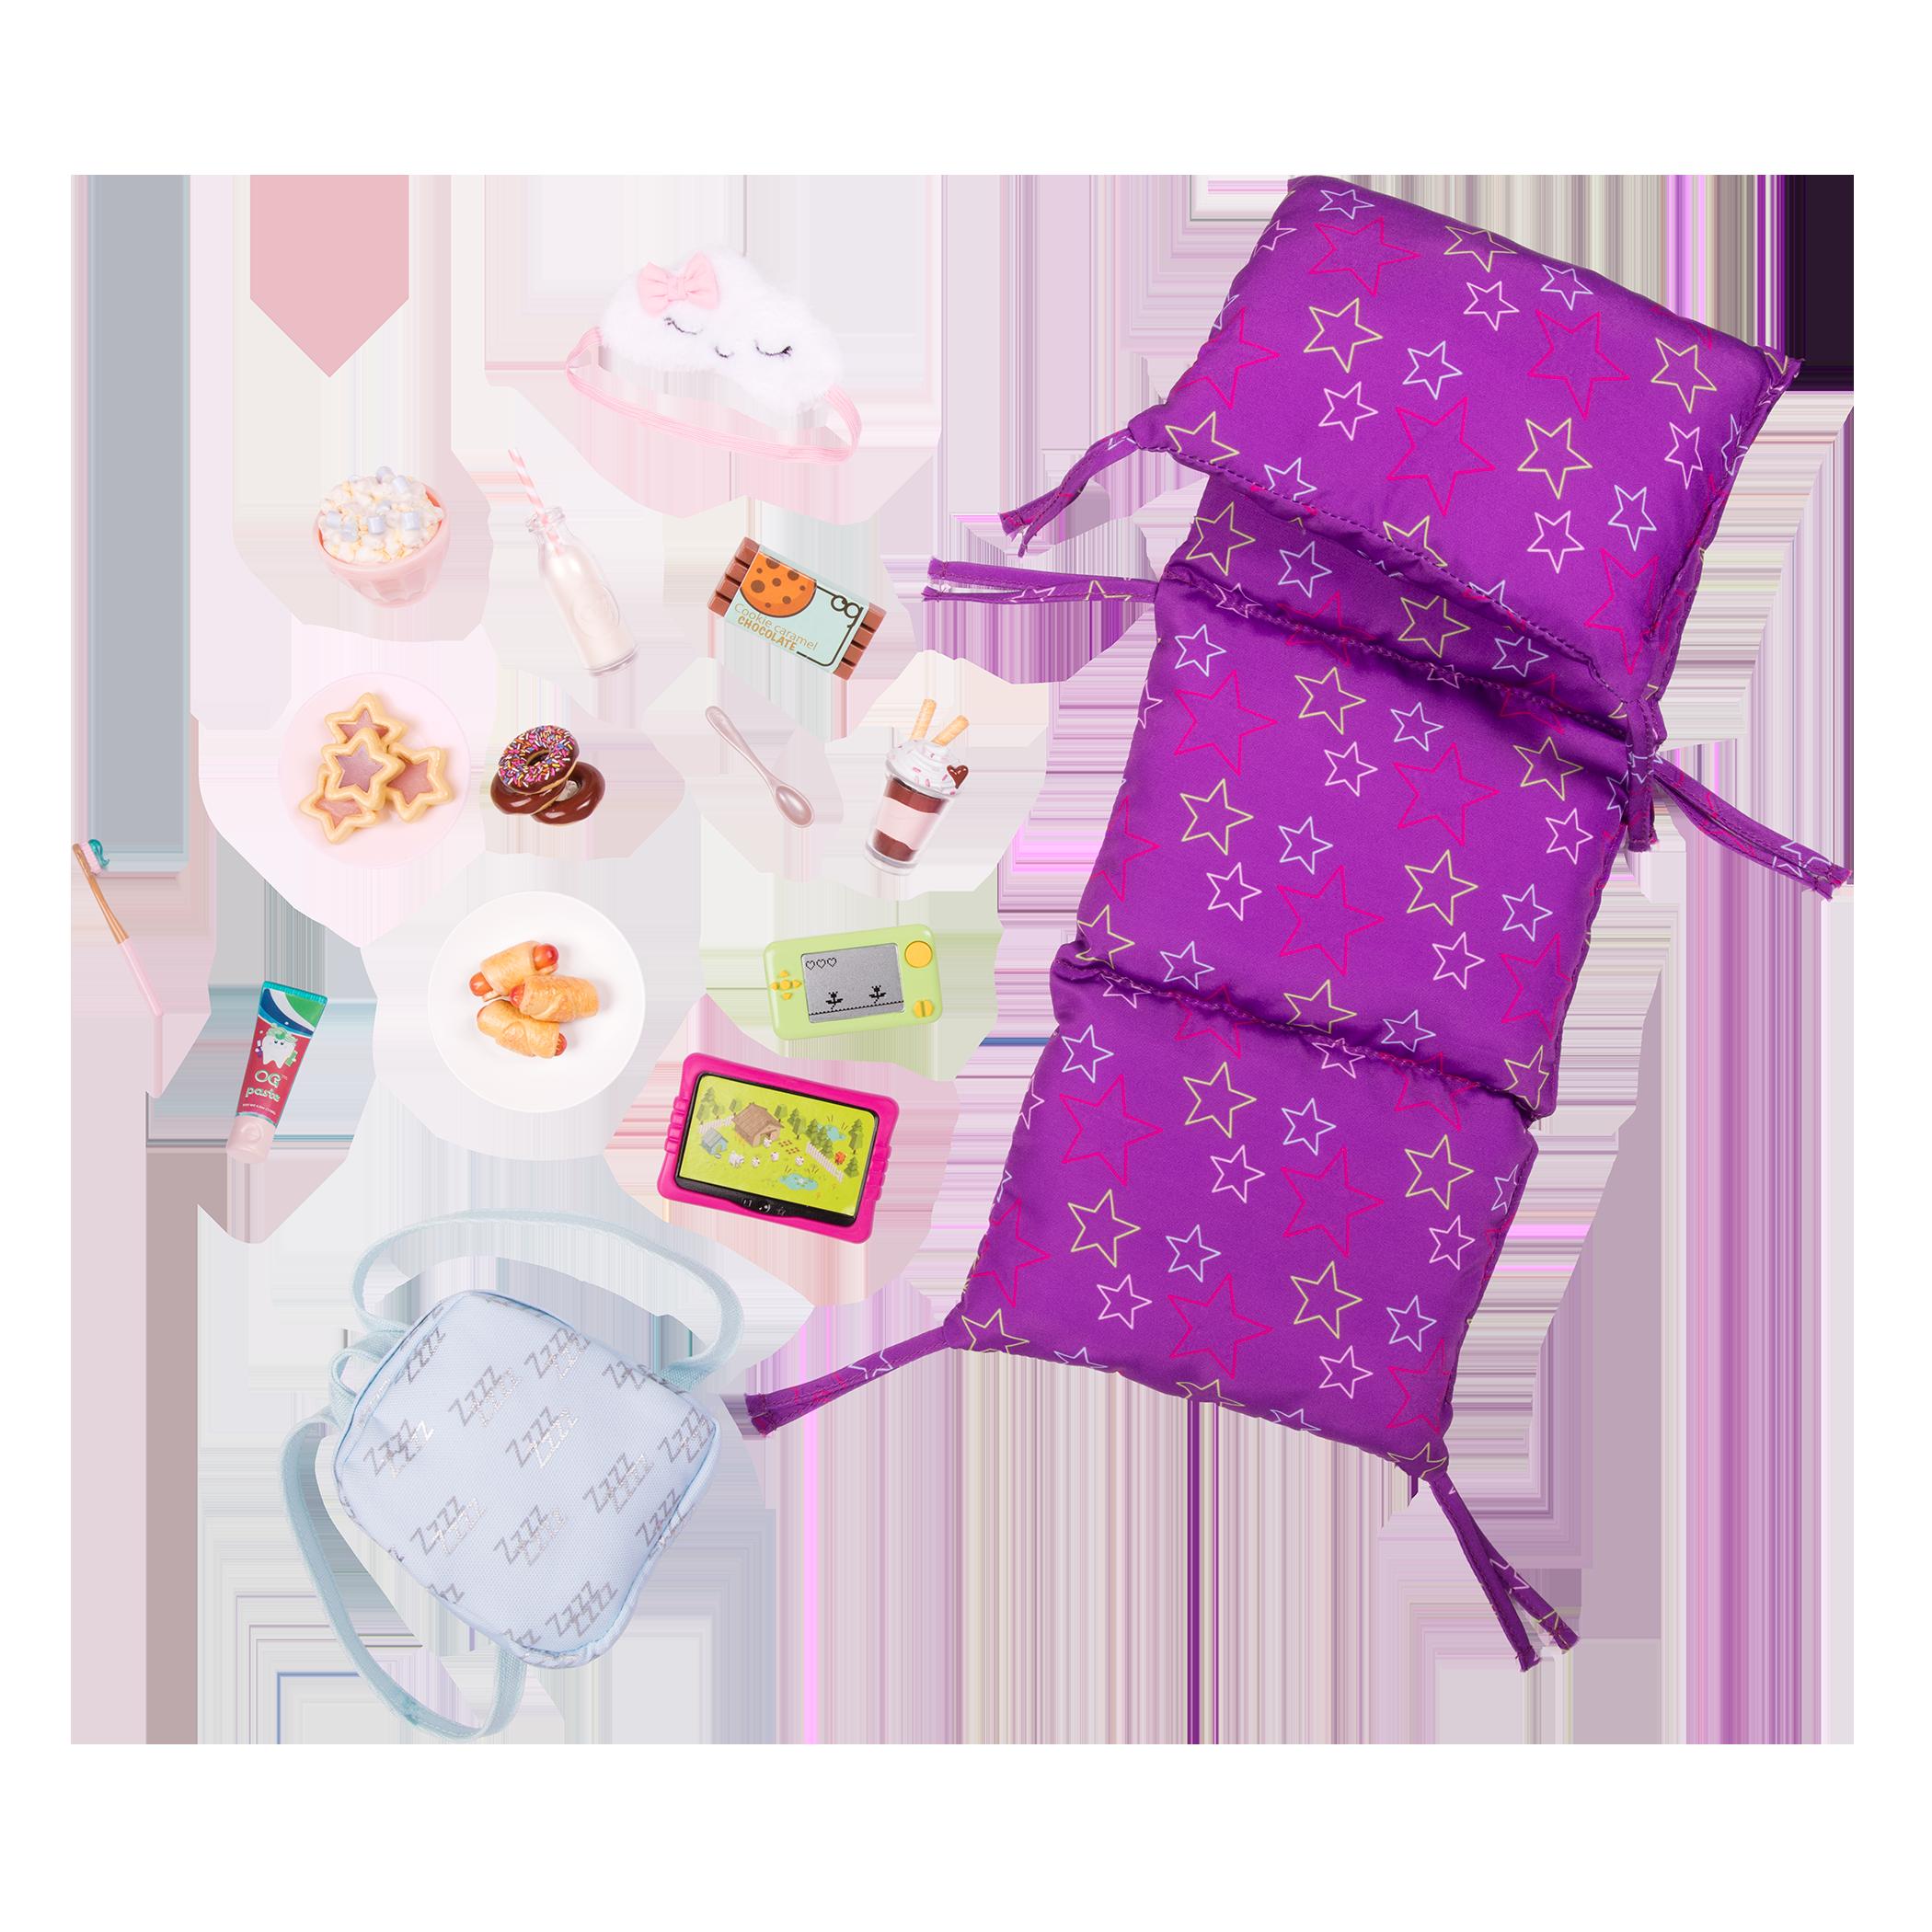 Slumber Delight Sleepover Set for 18-inch Dolls